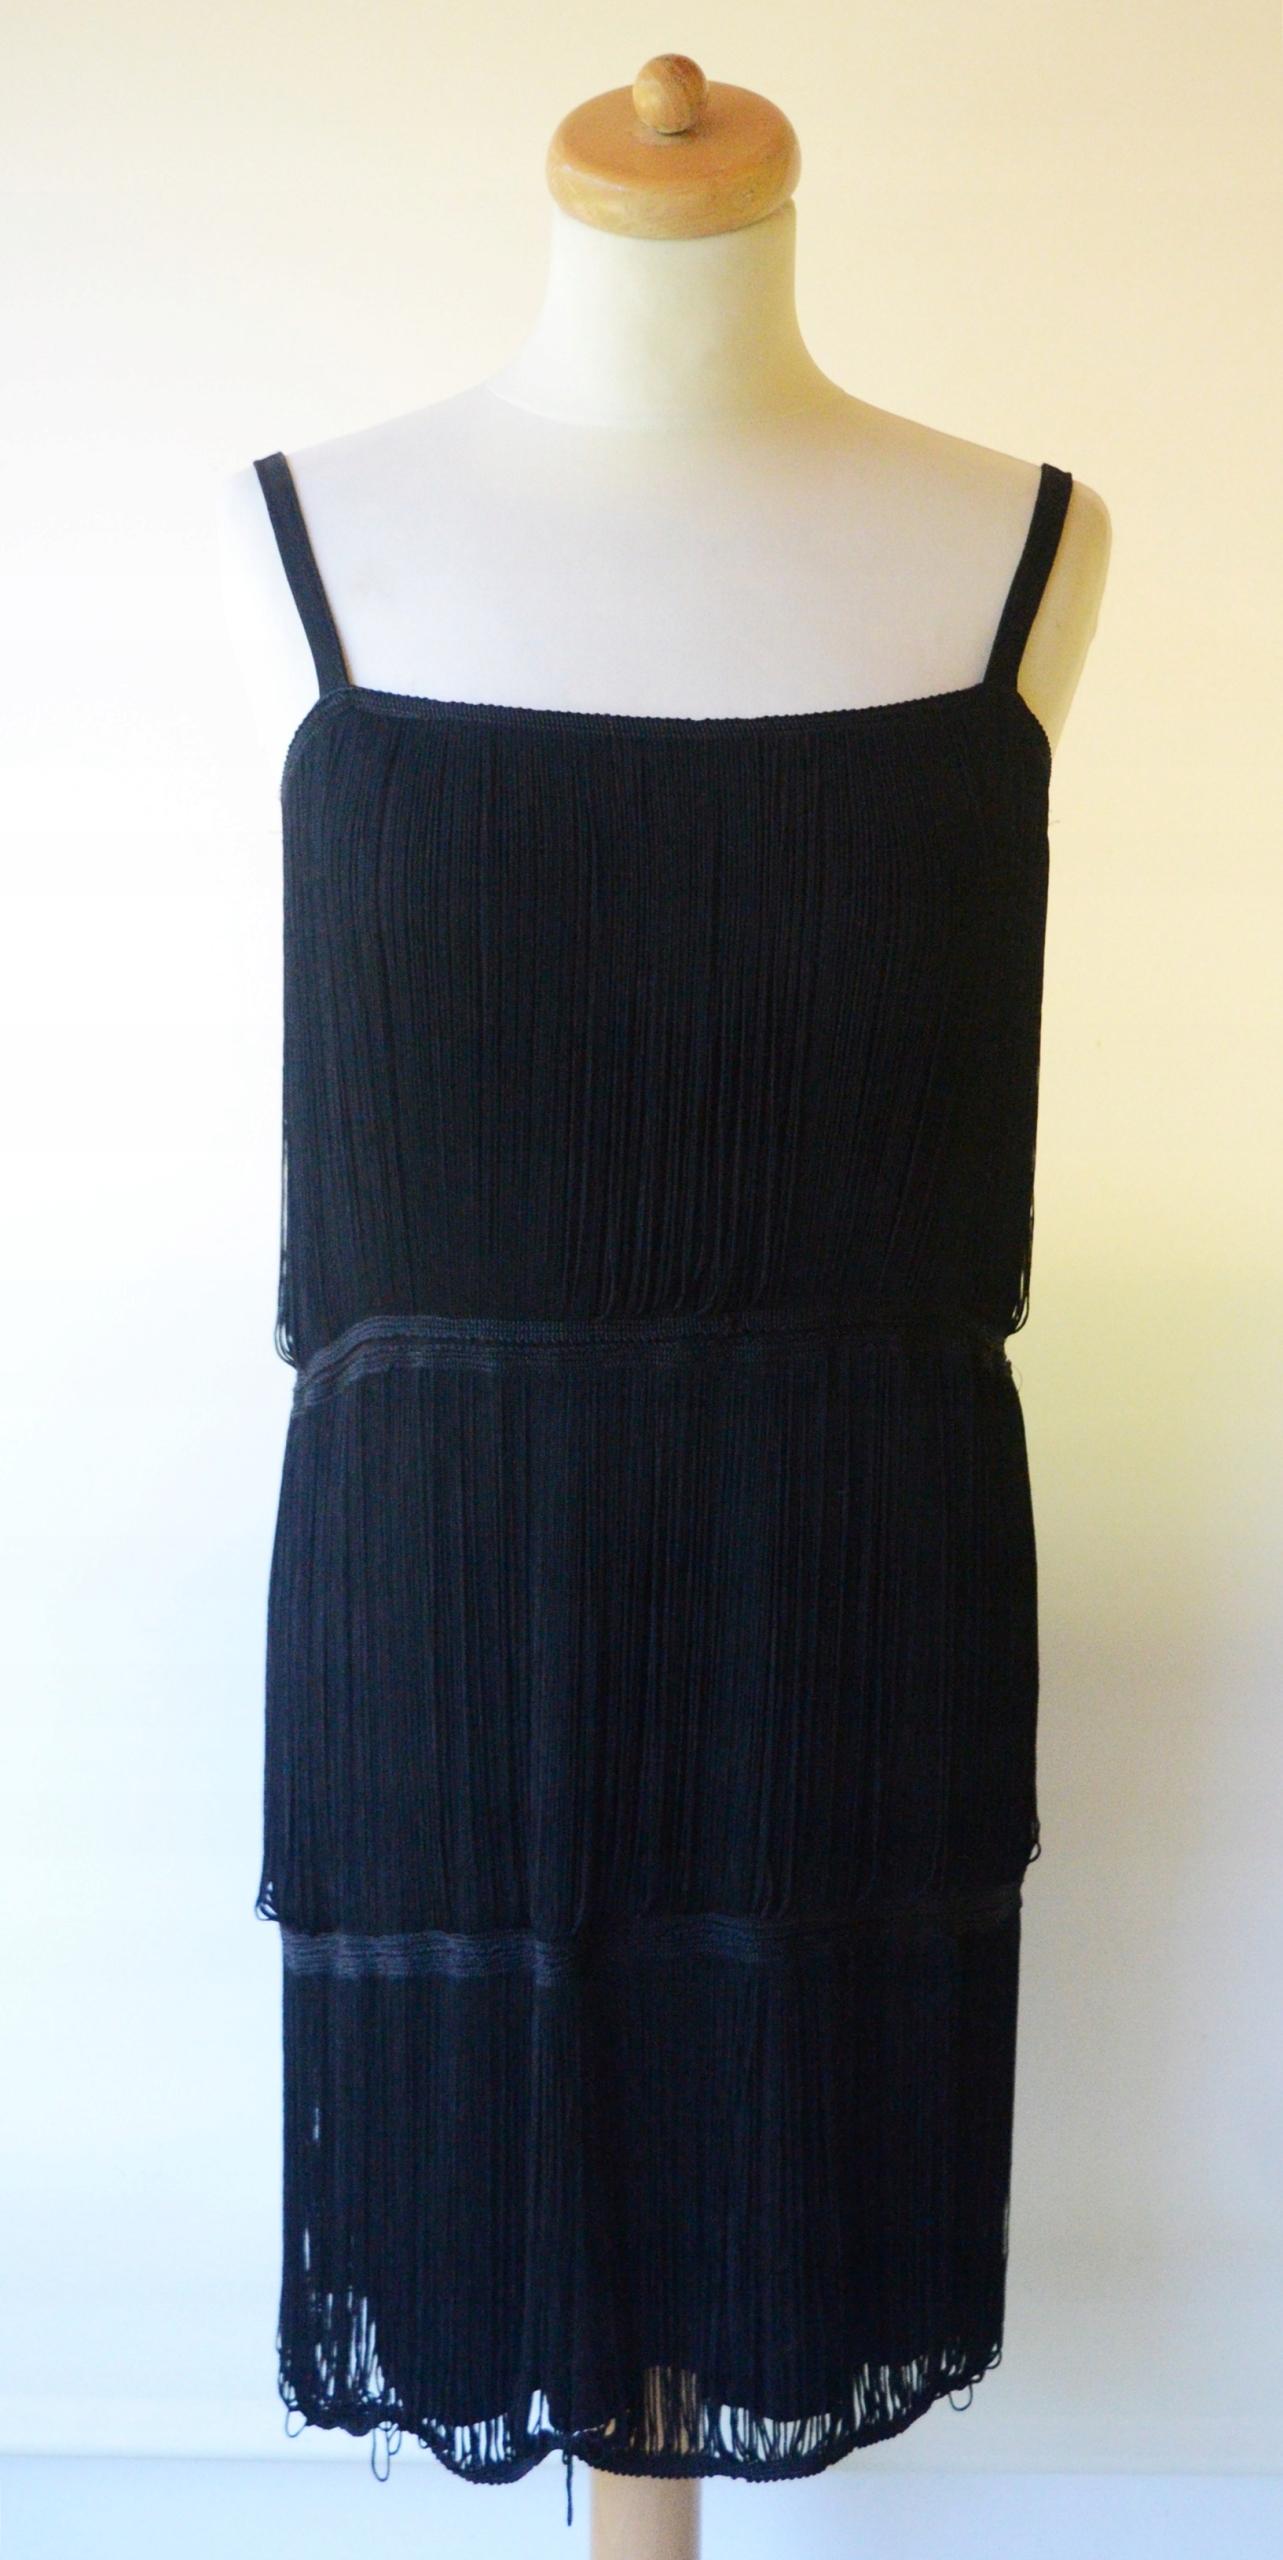 ff9ca058a1 Sukienka Czarna Frędzle H M S 36 Frędzelki - 7560467145 - oficjalne ...